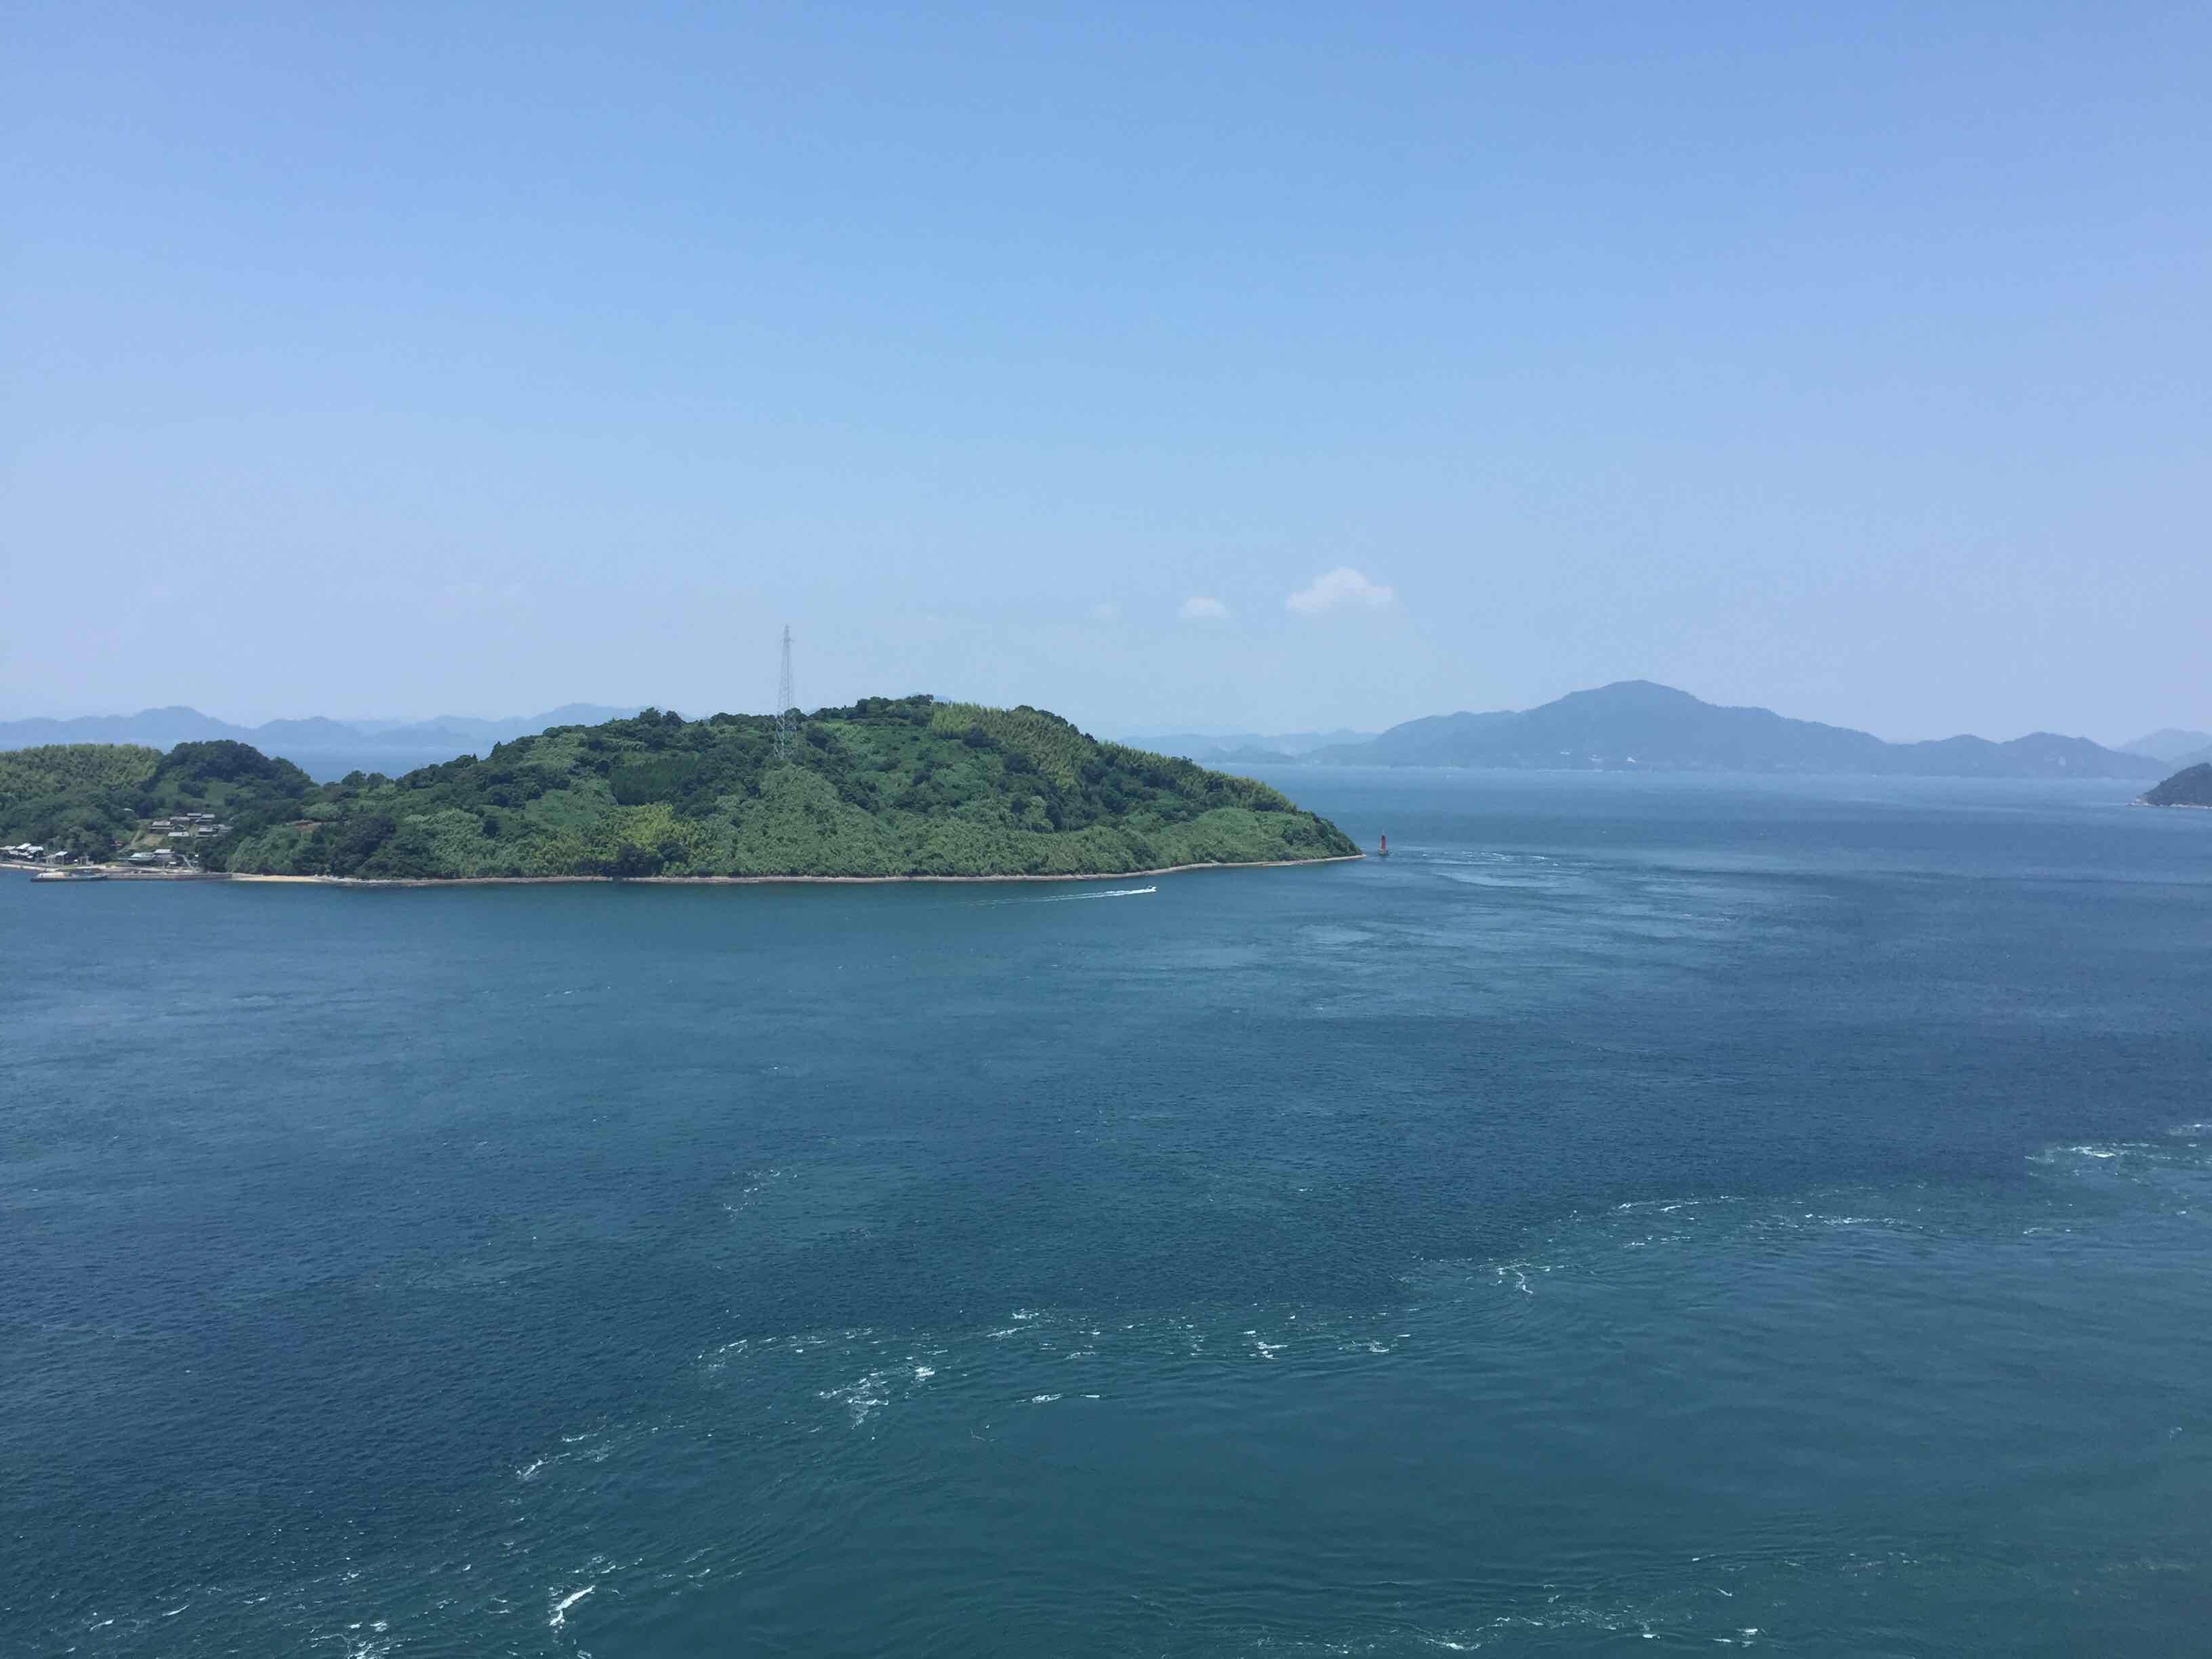 今治市来岛大桥拍摄的濑户内海